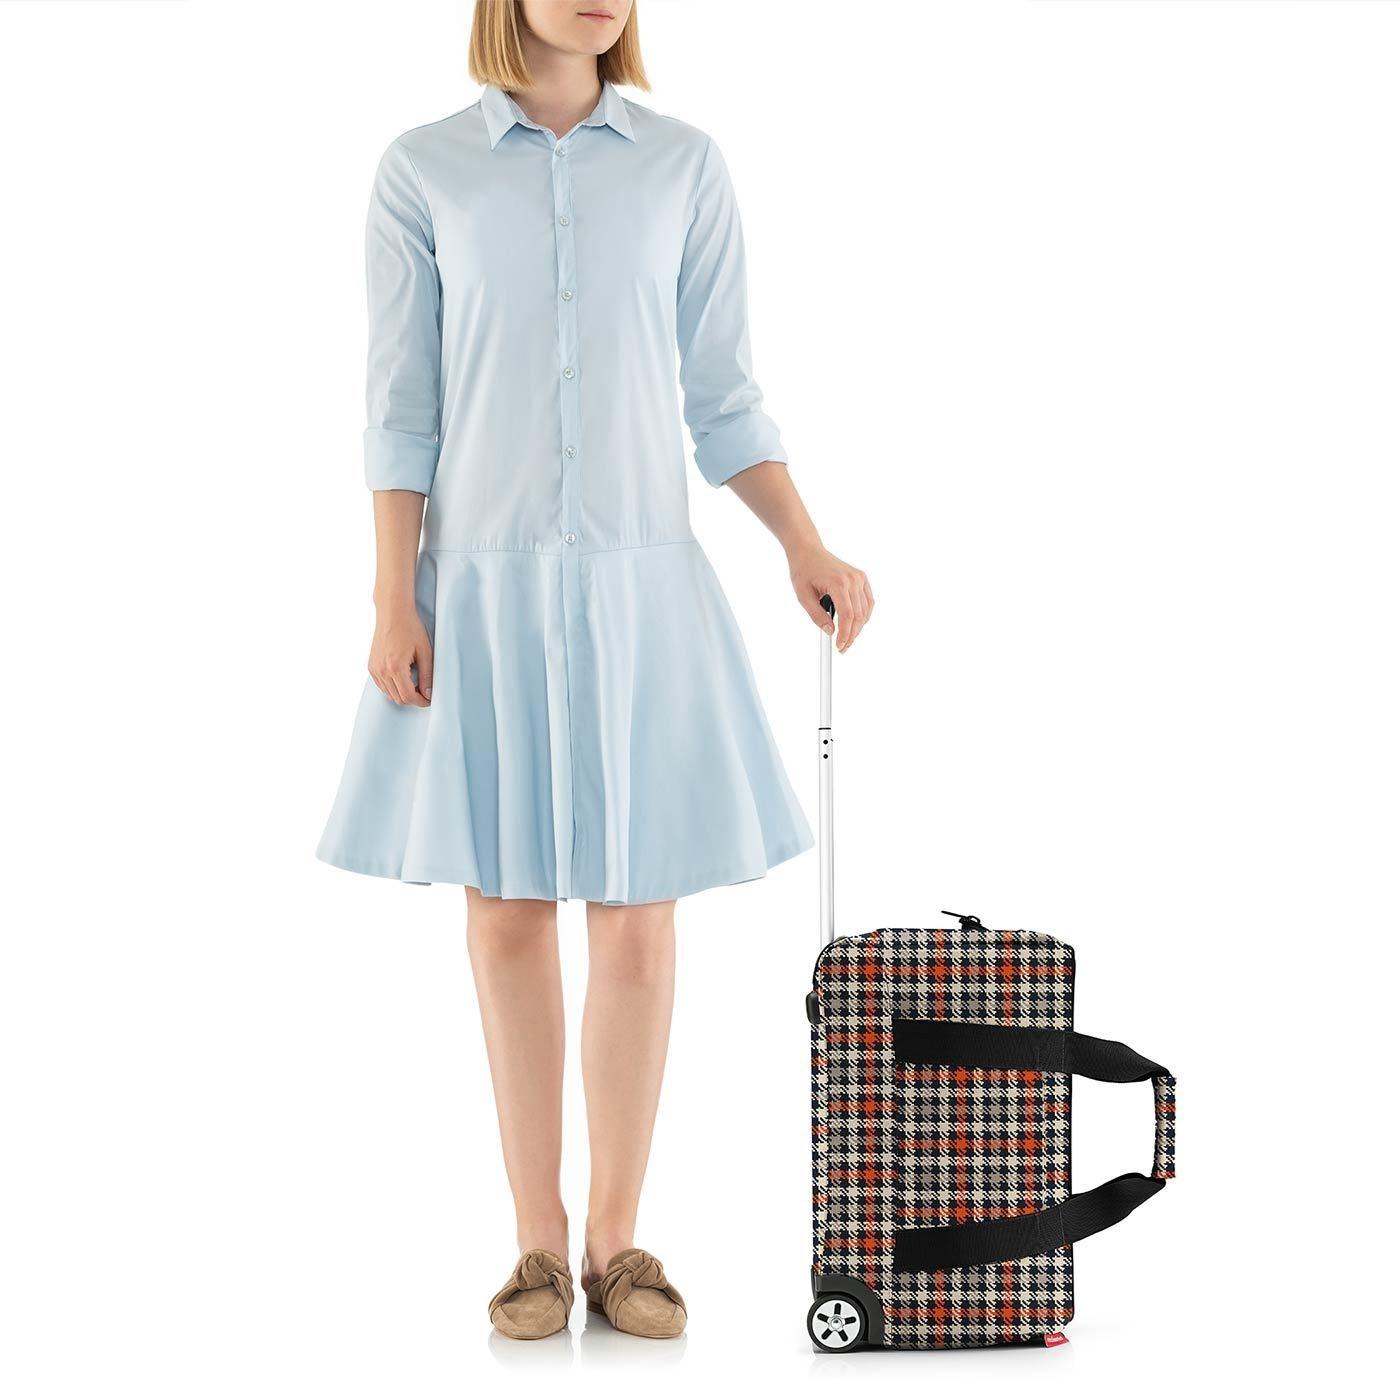 Cestovní taška na kolečkách Allrounder trolley glencheck_3